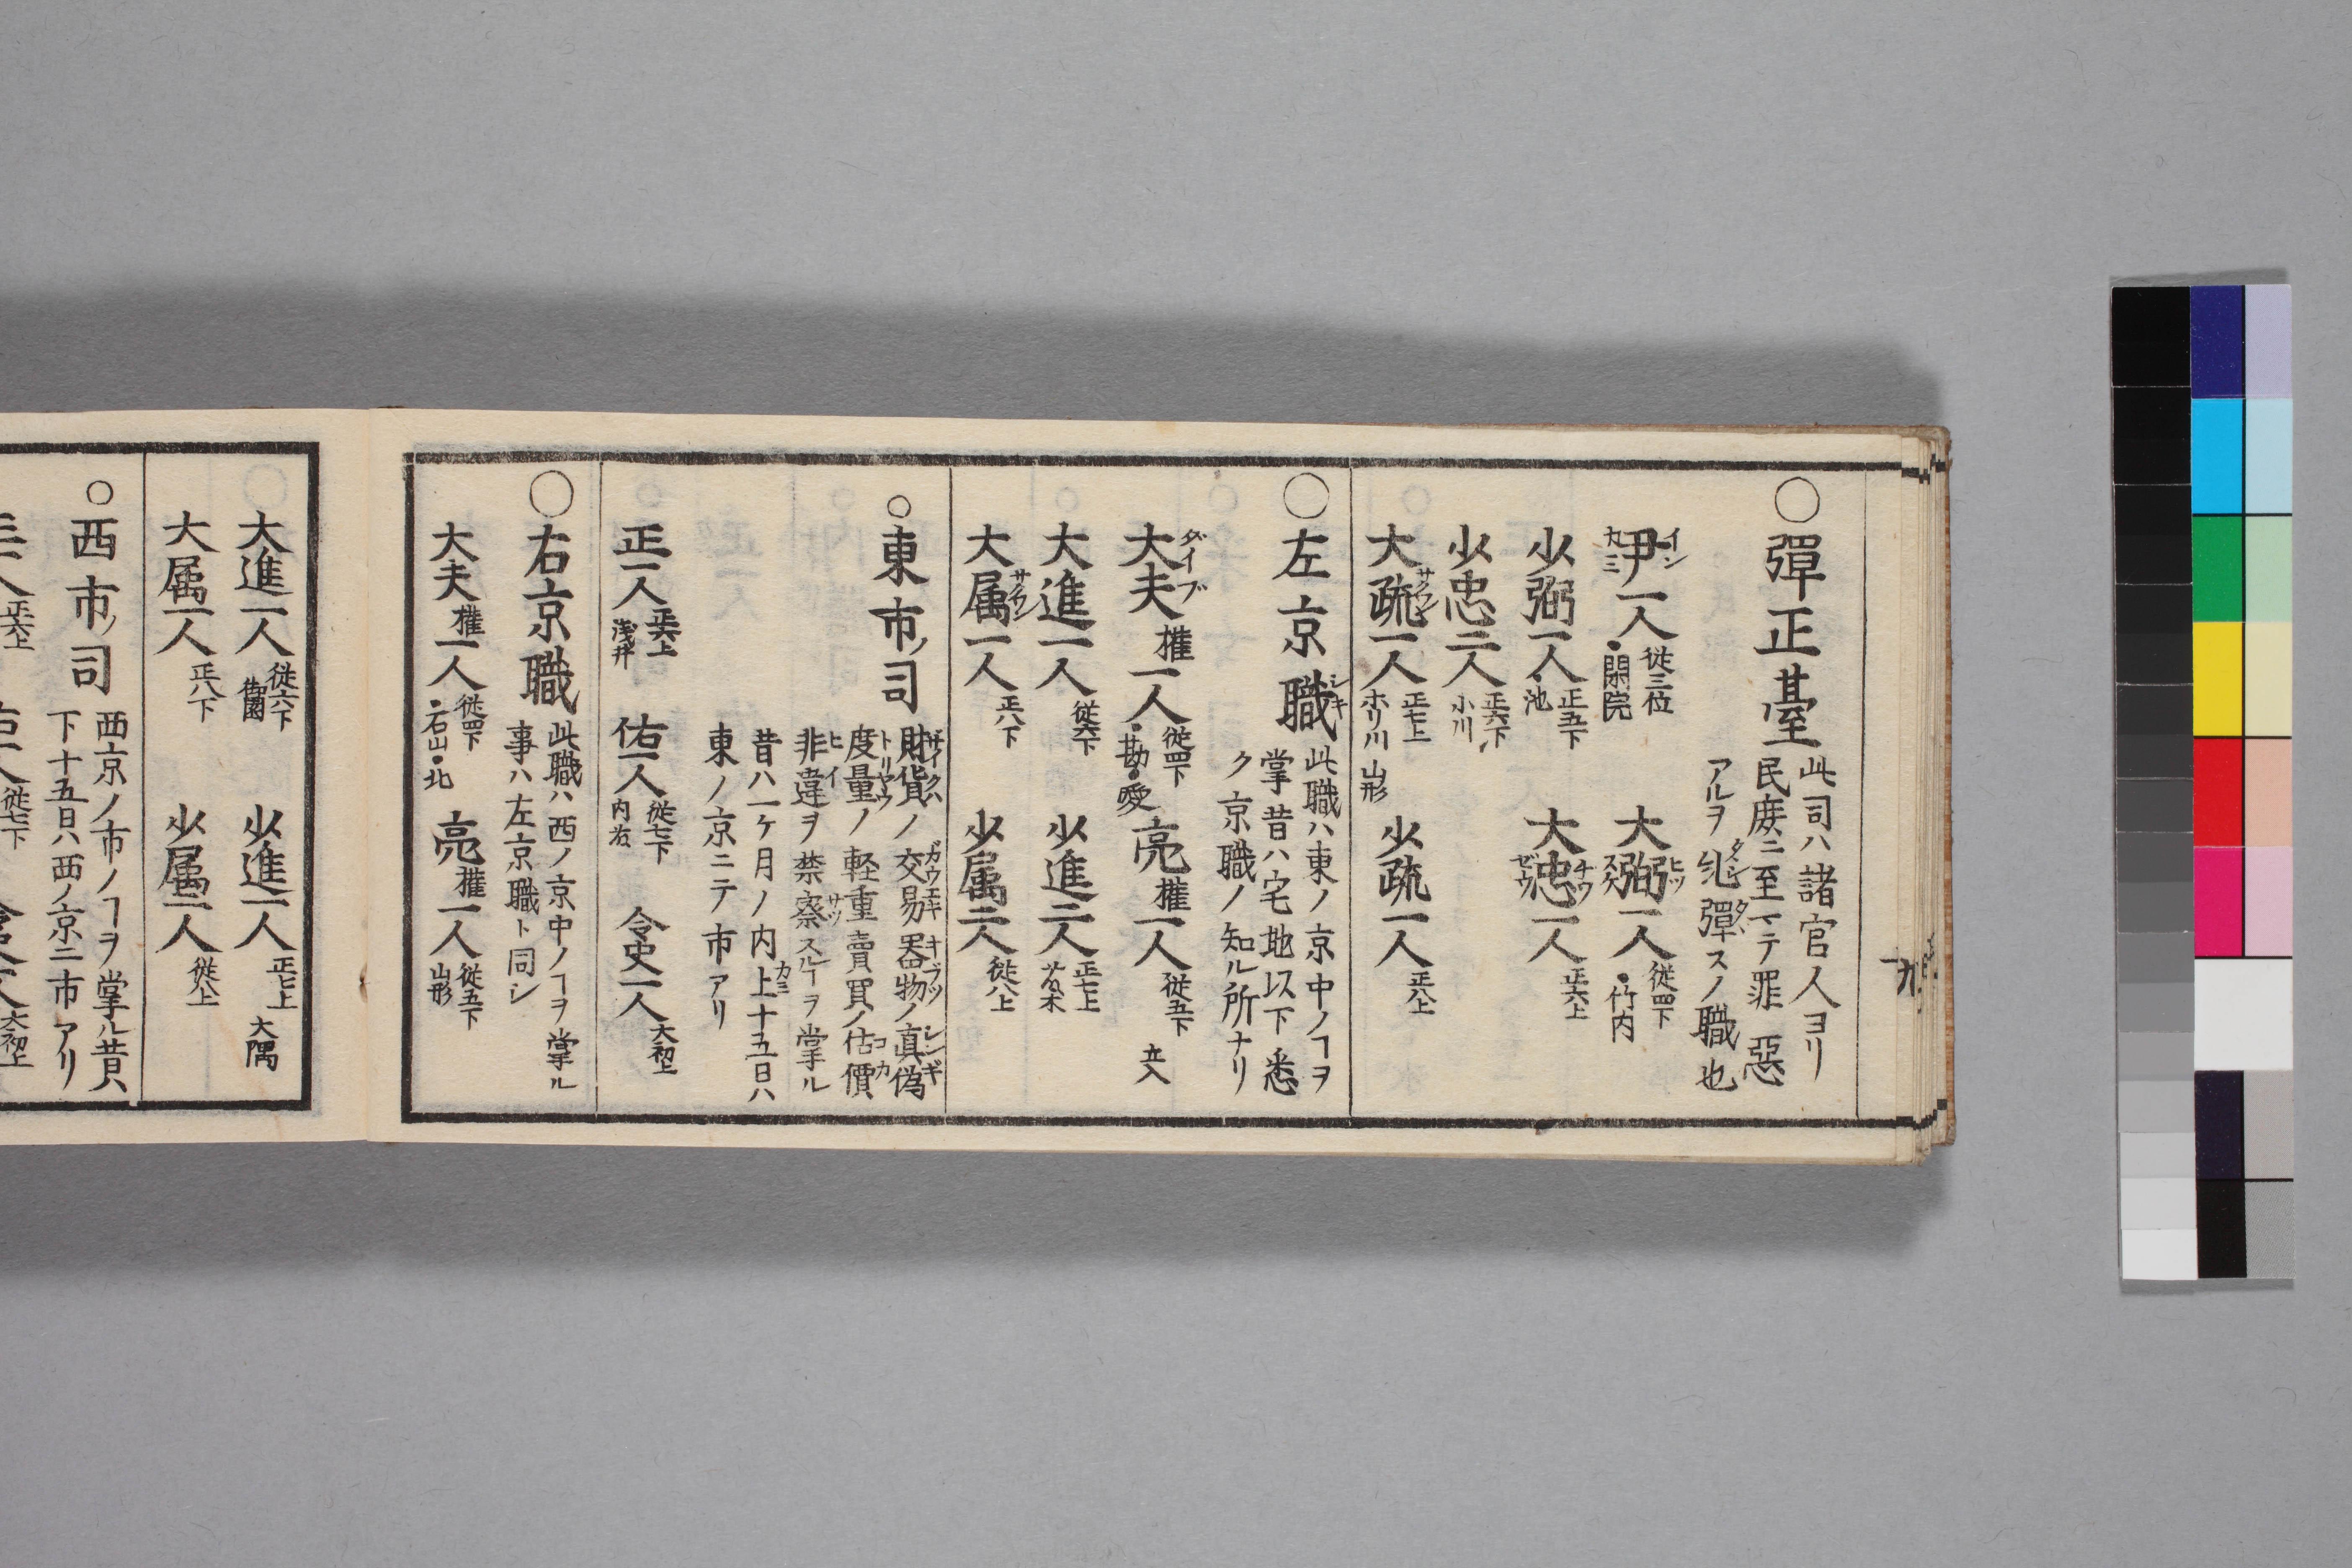 京職 - JapaneseClass.jp